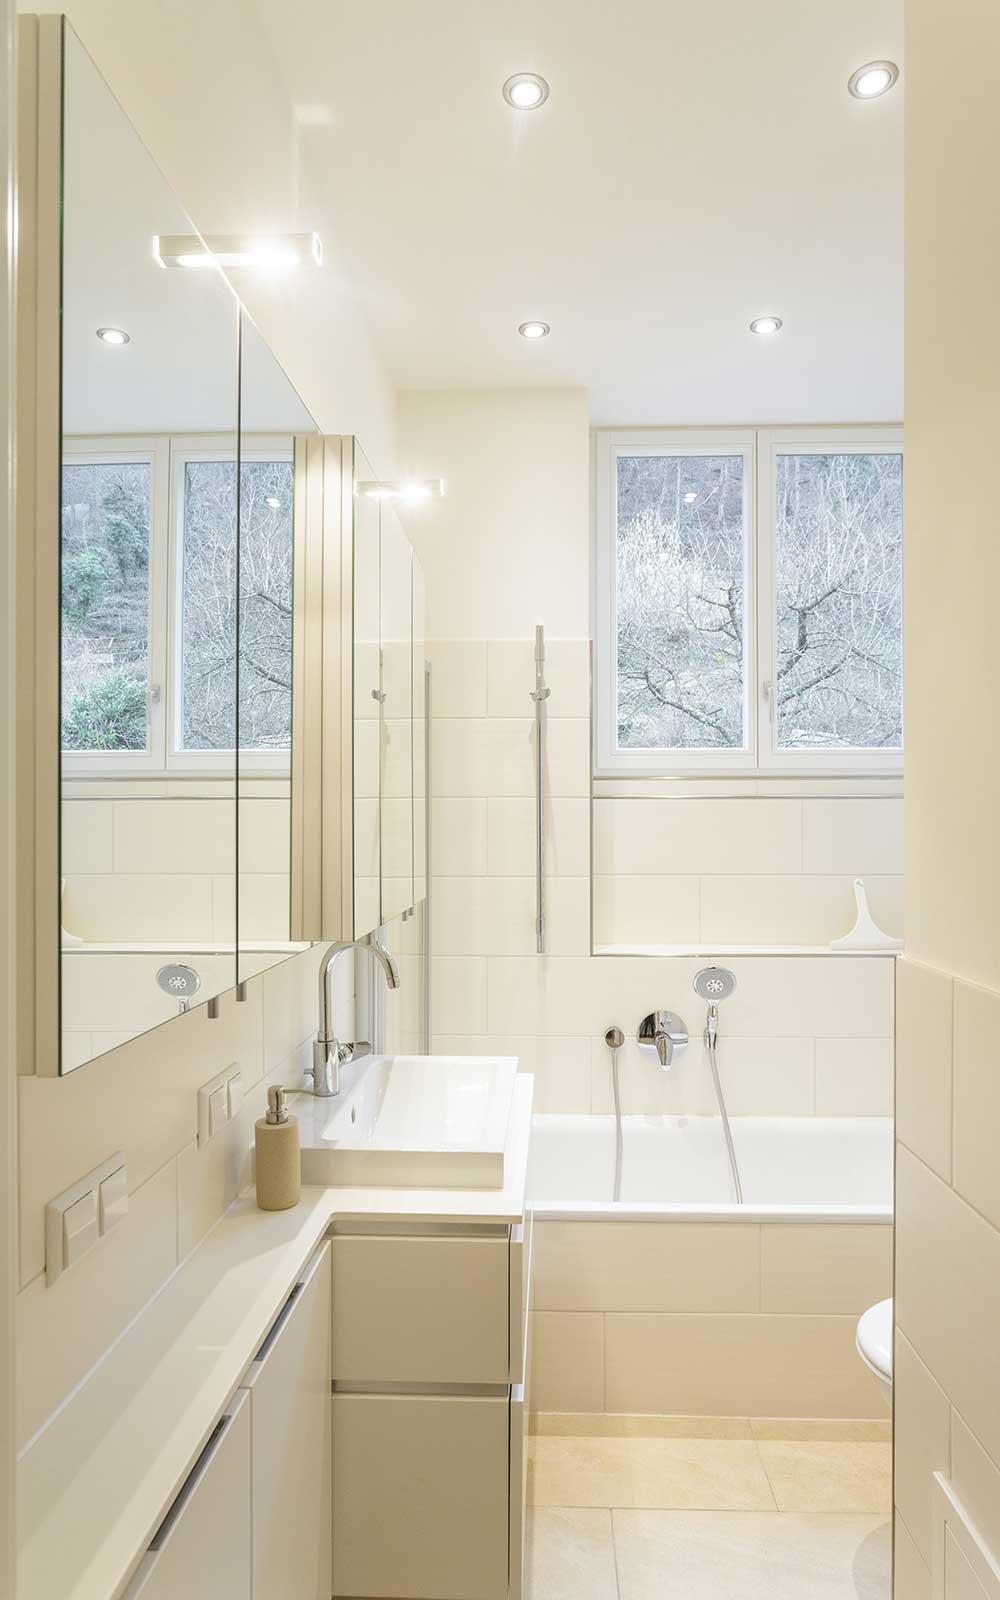 Villa Hilda Weststadt HD, Kochhan und Weckbach Architekten Heidelberg